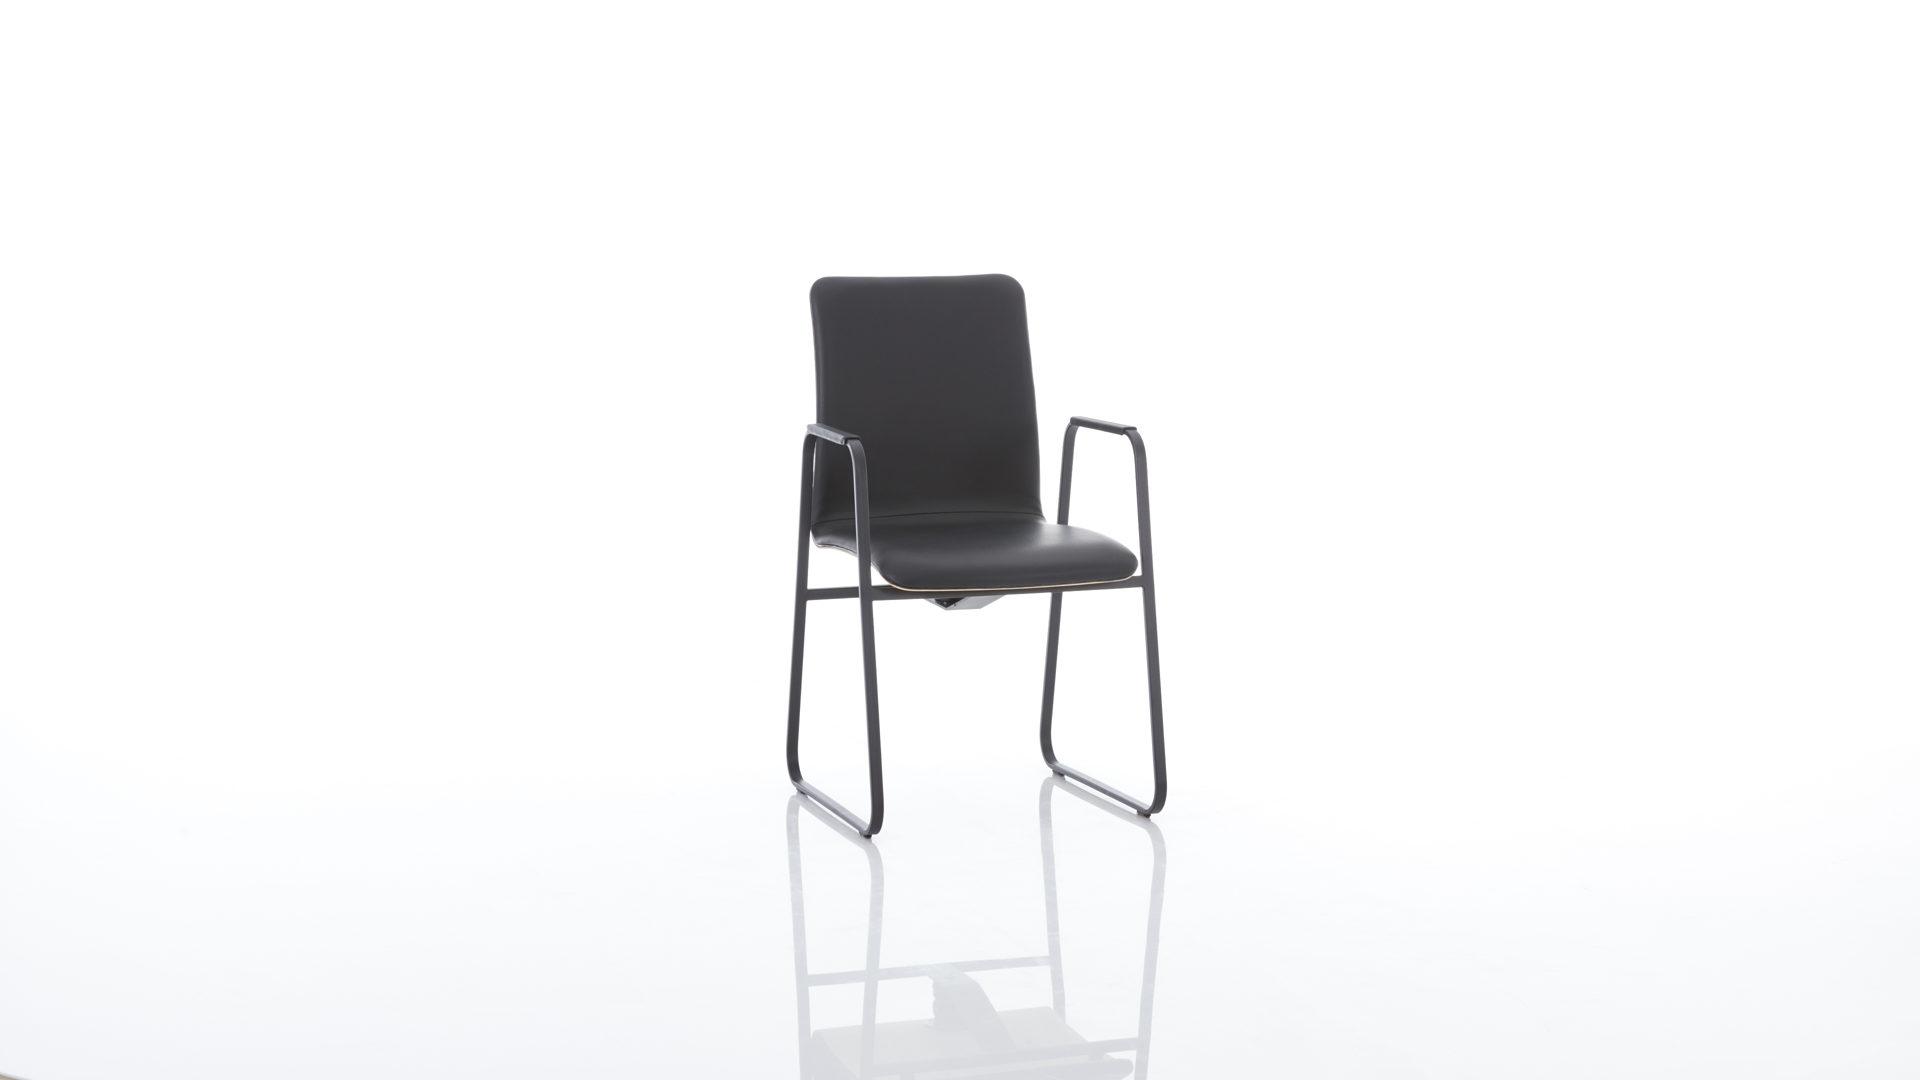 Willkommen Möbel Steffens